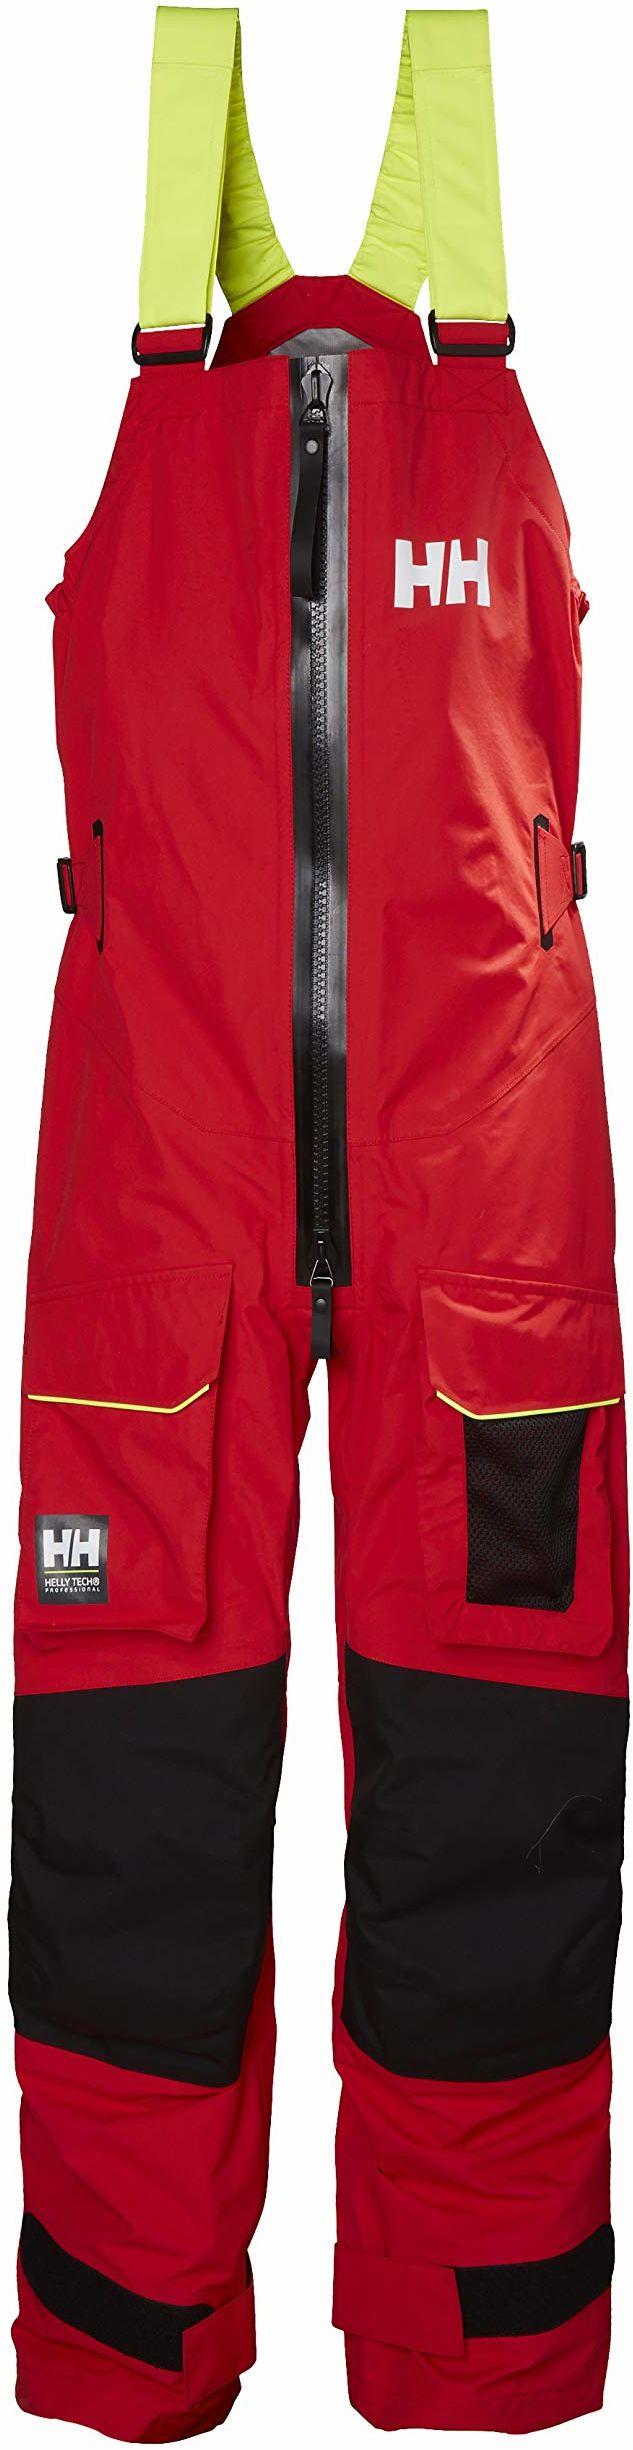 Helly Hansen męskie Aegir Ocean Regenhose spodnie przeciwdeszczowe, czerwone, XXL